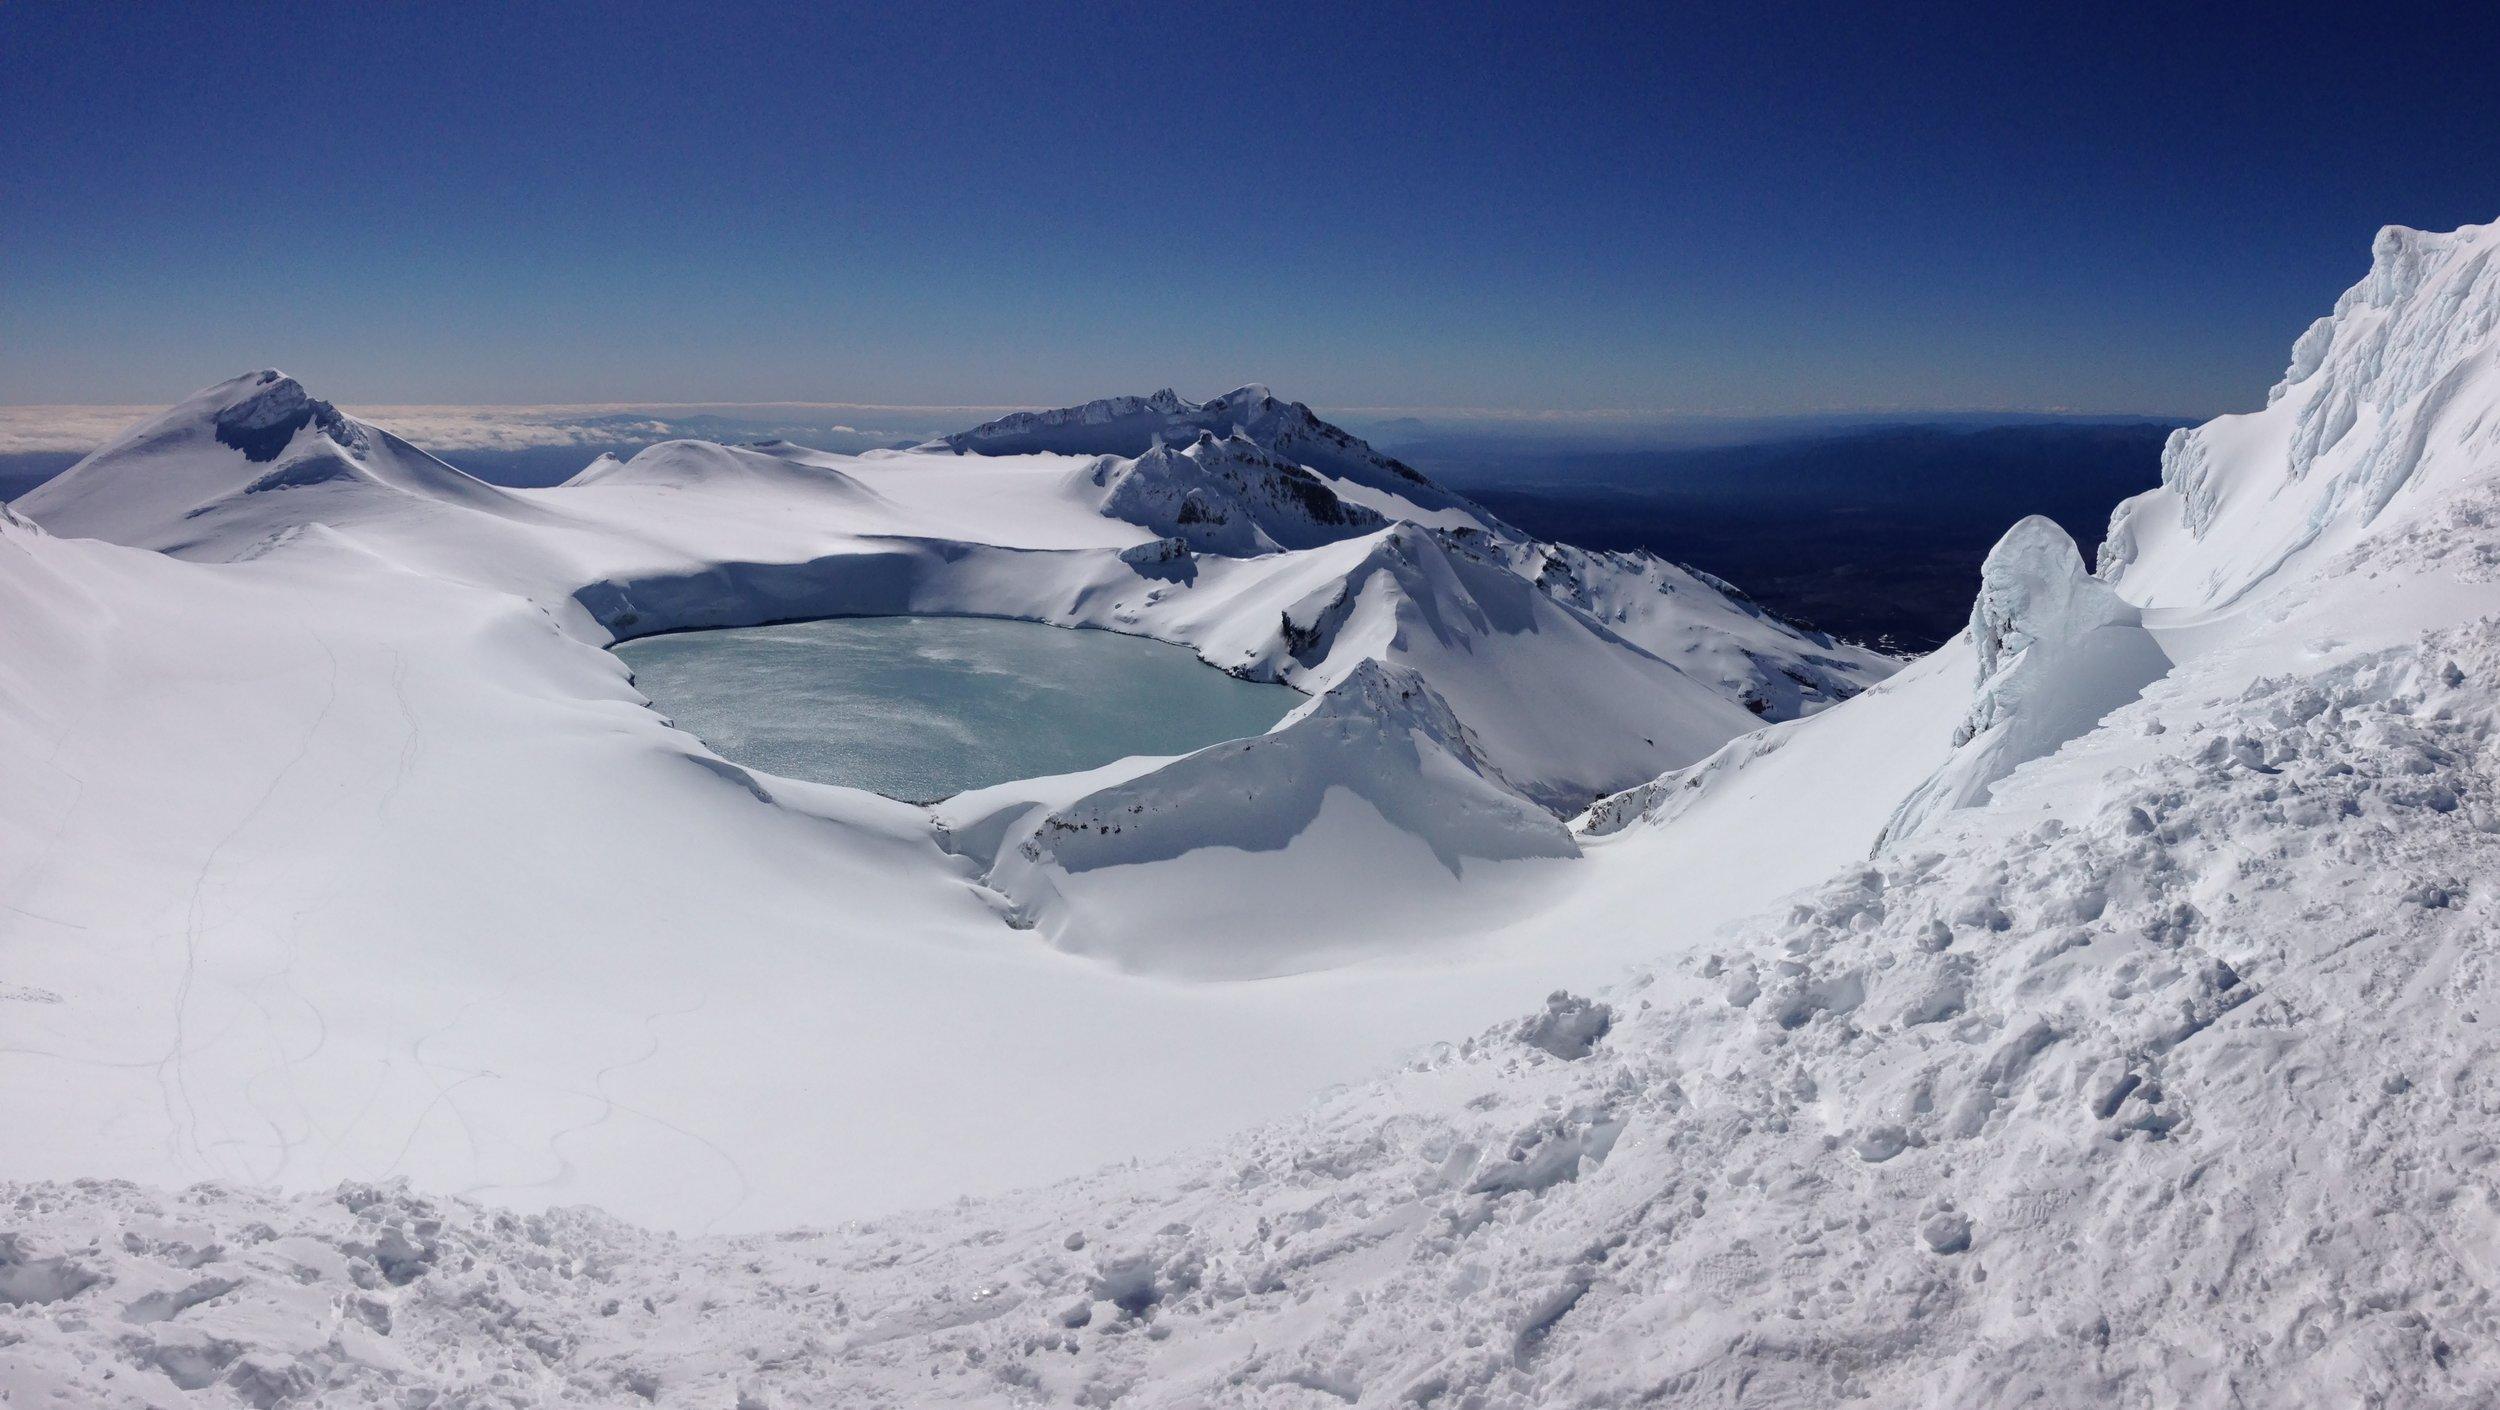 Summit Mt Ruapehu, National Park, NZ